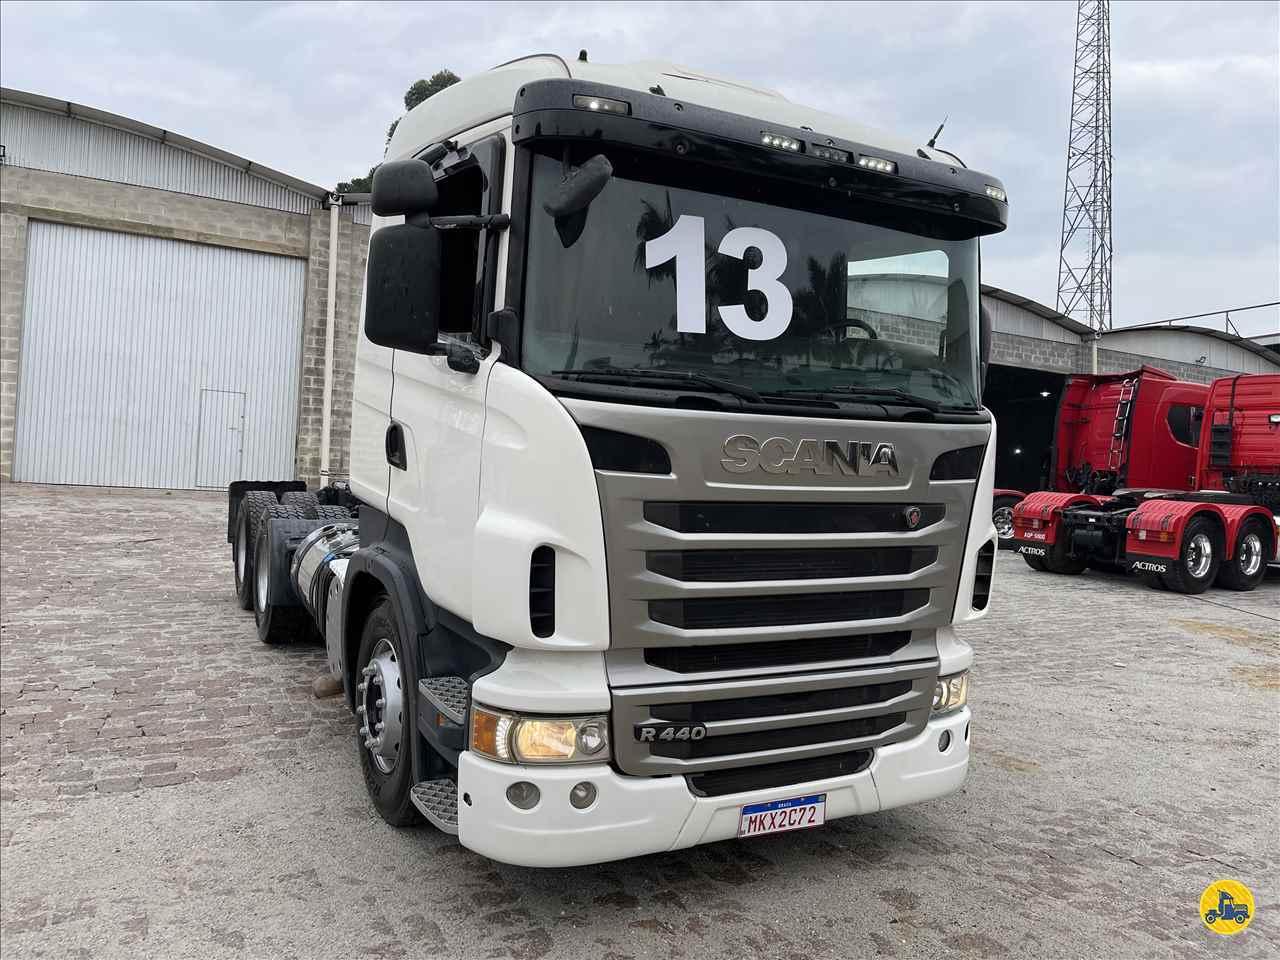 CAMINHAO SCANIA SCANIA 440 Cavalo Mecânico Truck 6x2 Rodricardo Caminhões COLOMBO PARANÁ PR